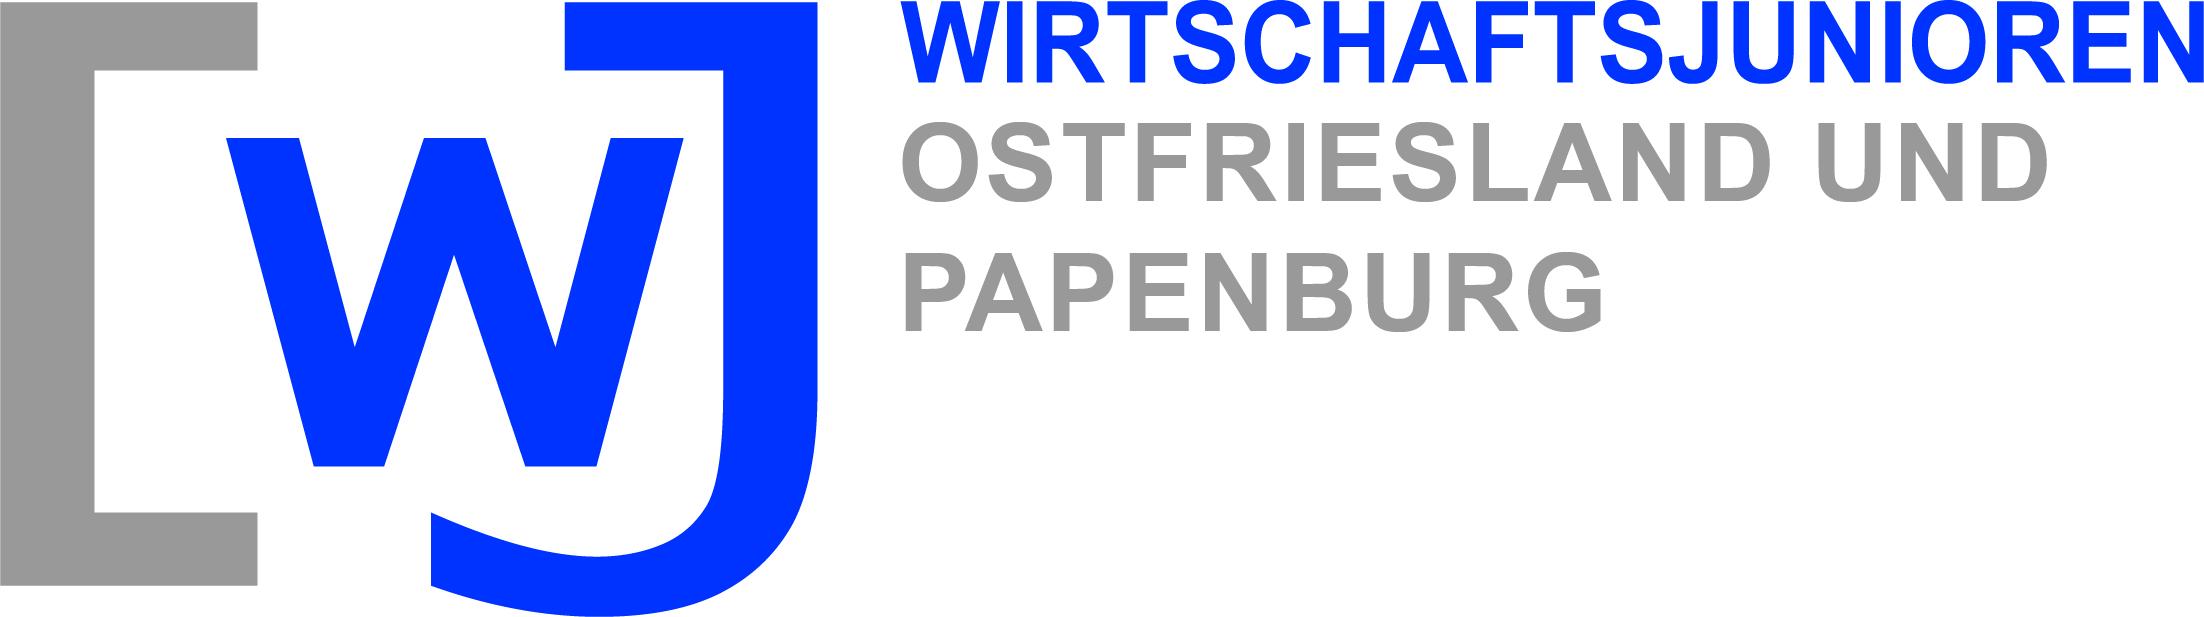 Wirtschaftsjunioren Ostfriesland & Papenburg